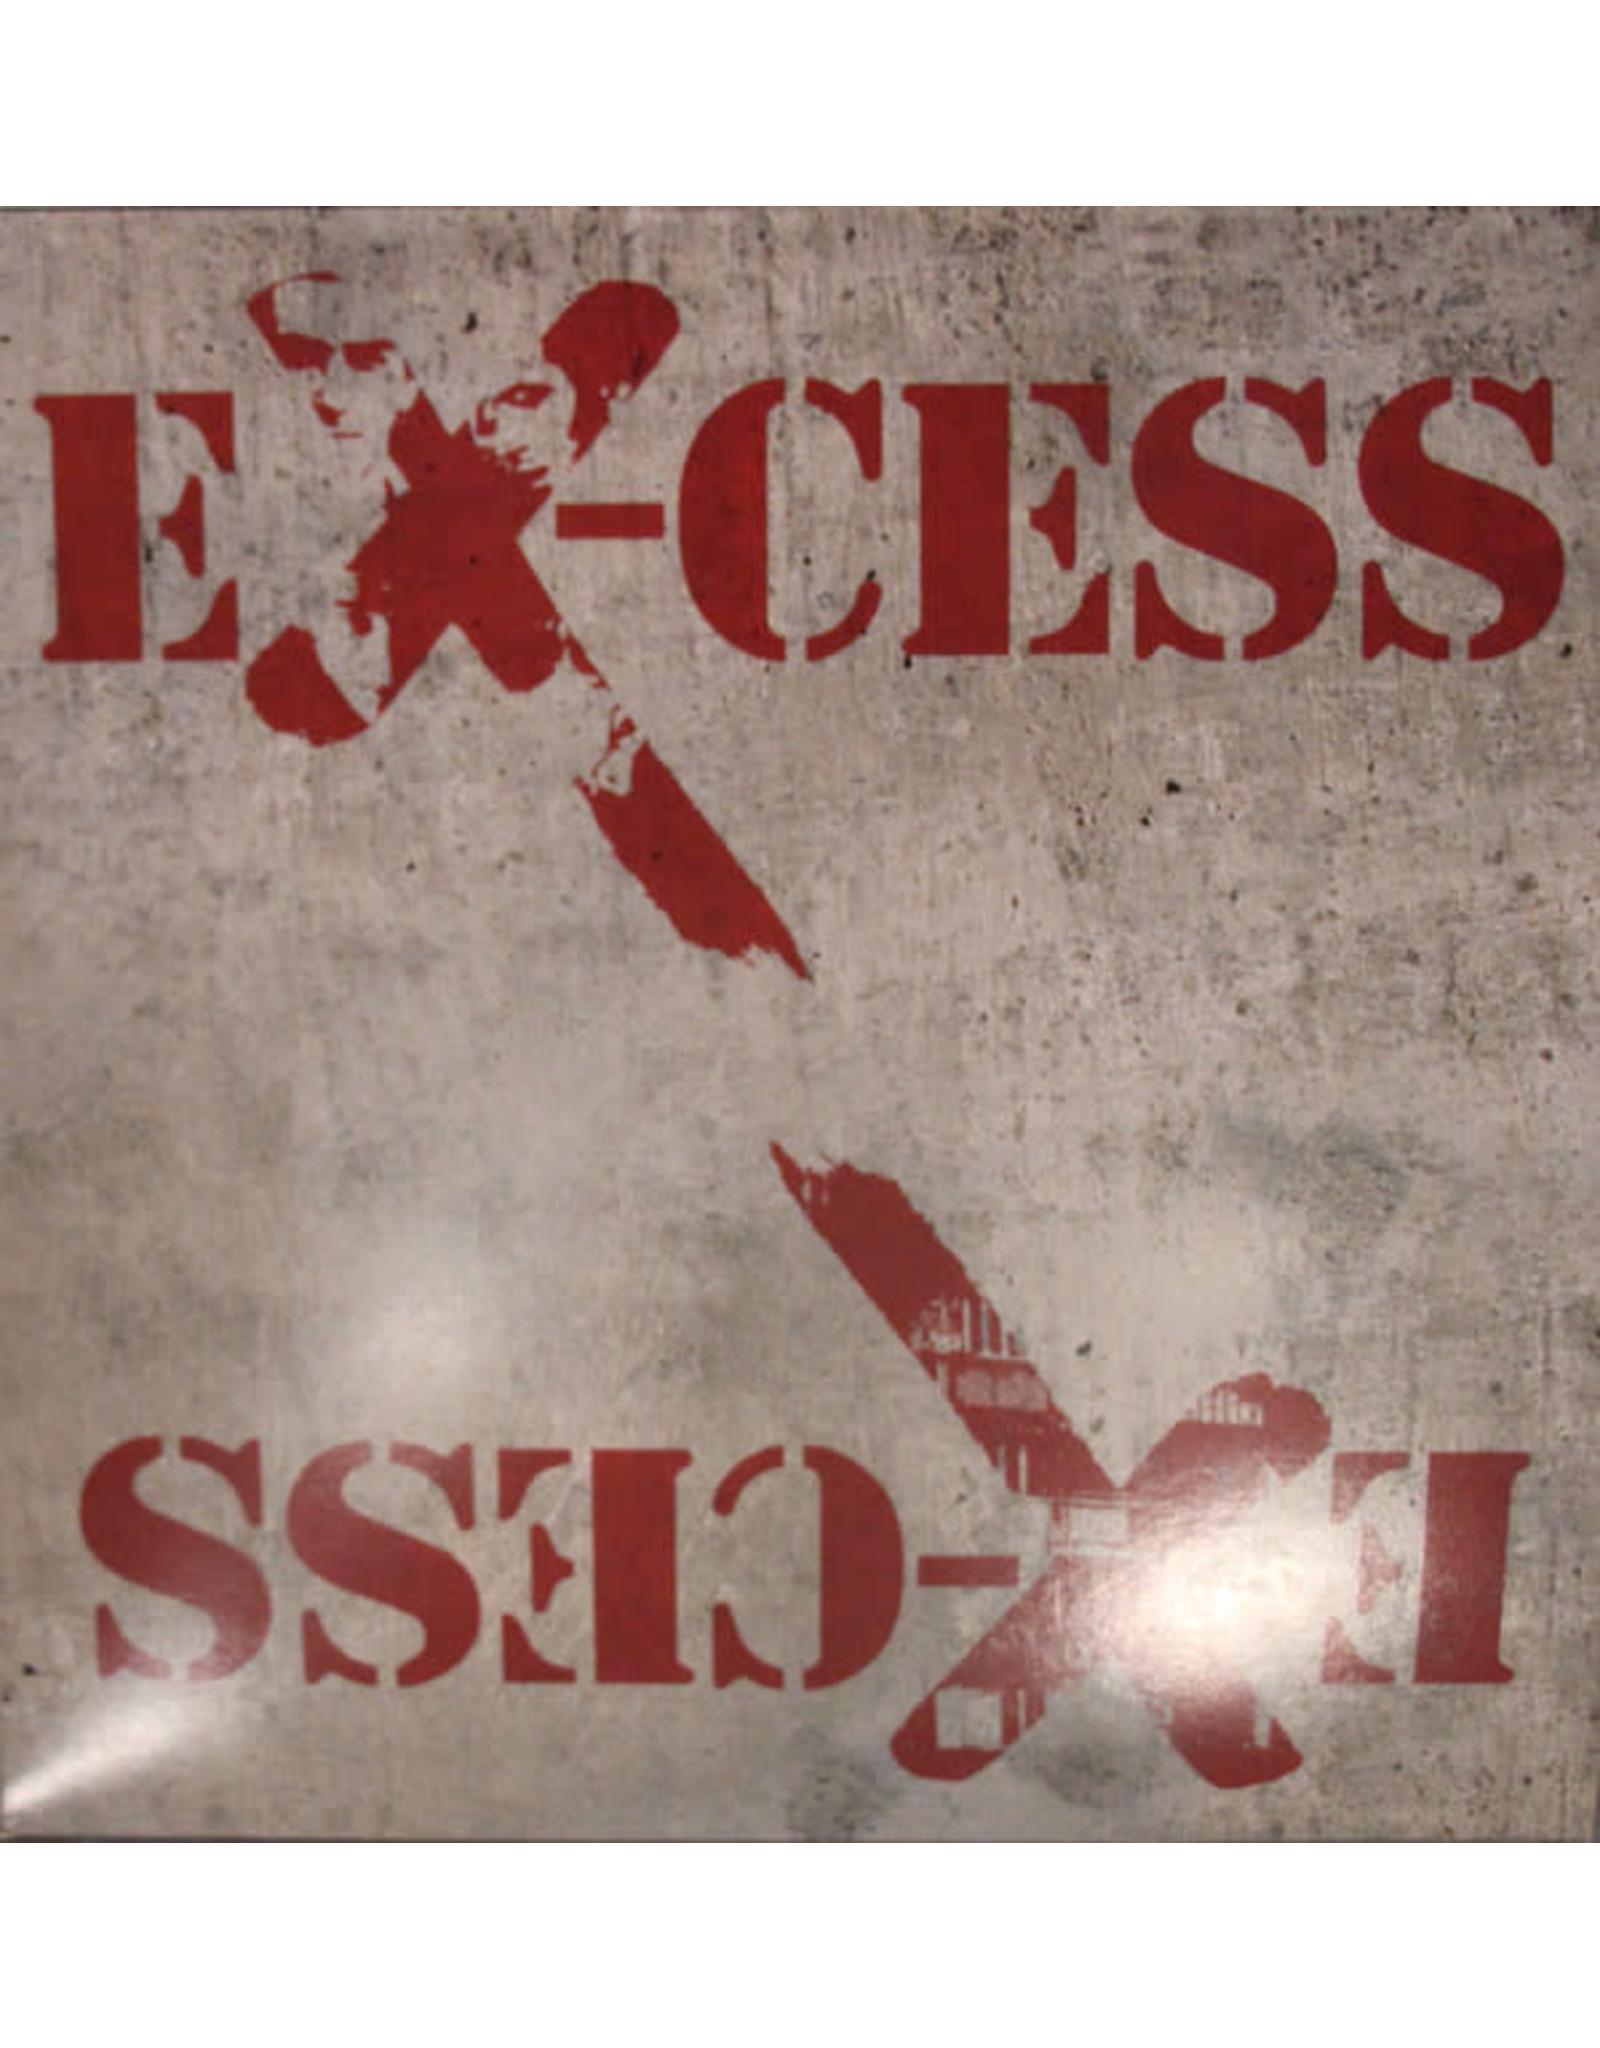 Ex-Cess - Osiguranje Životne Večnosti LP